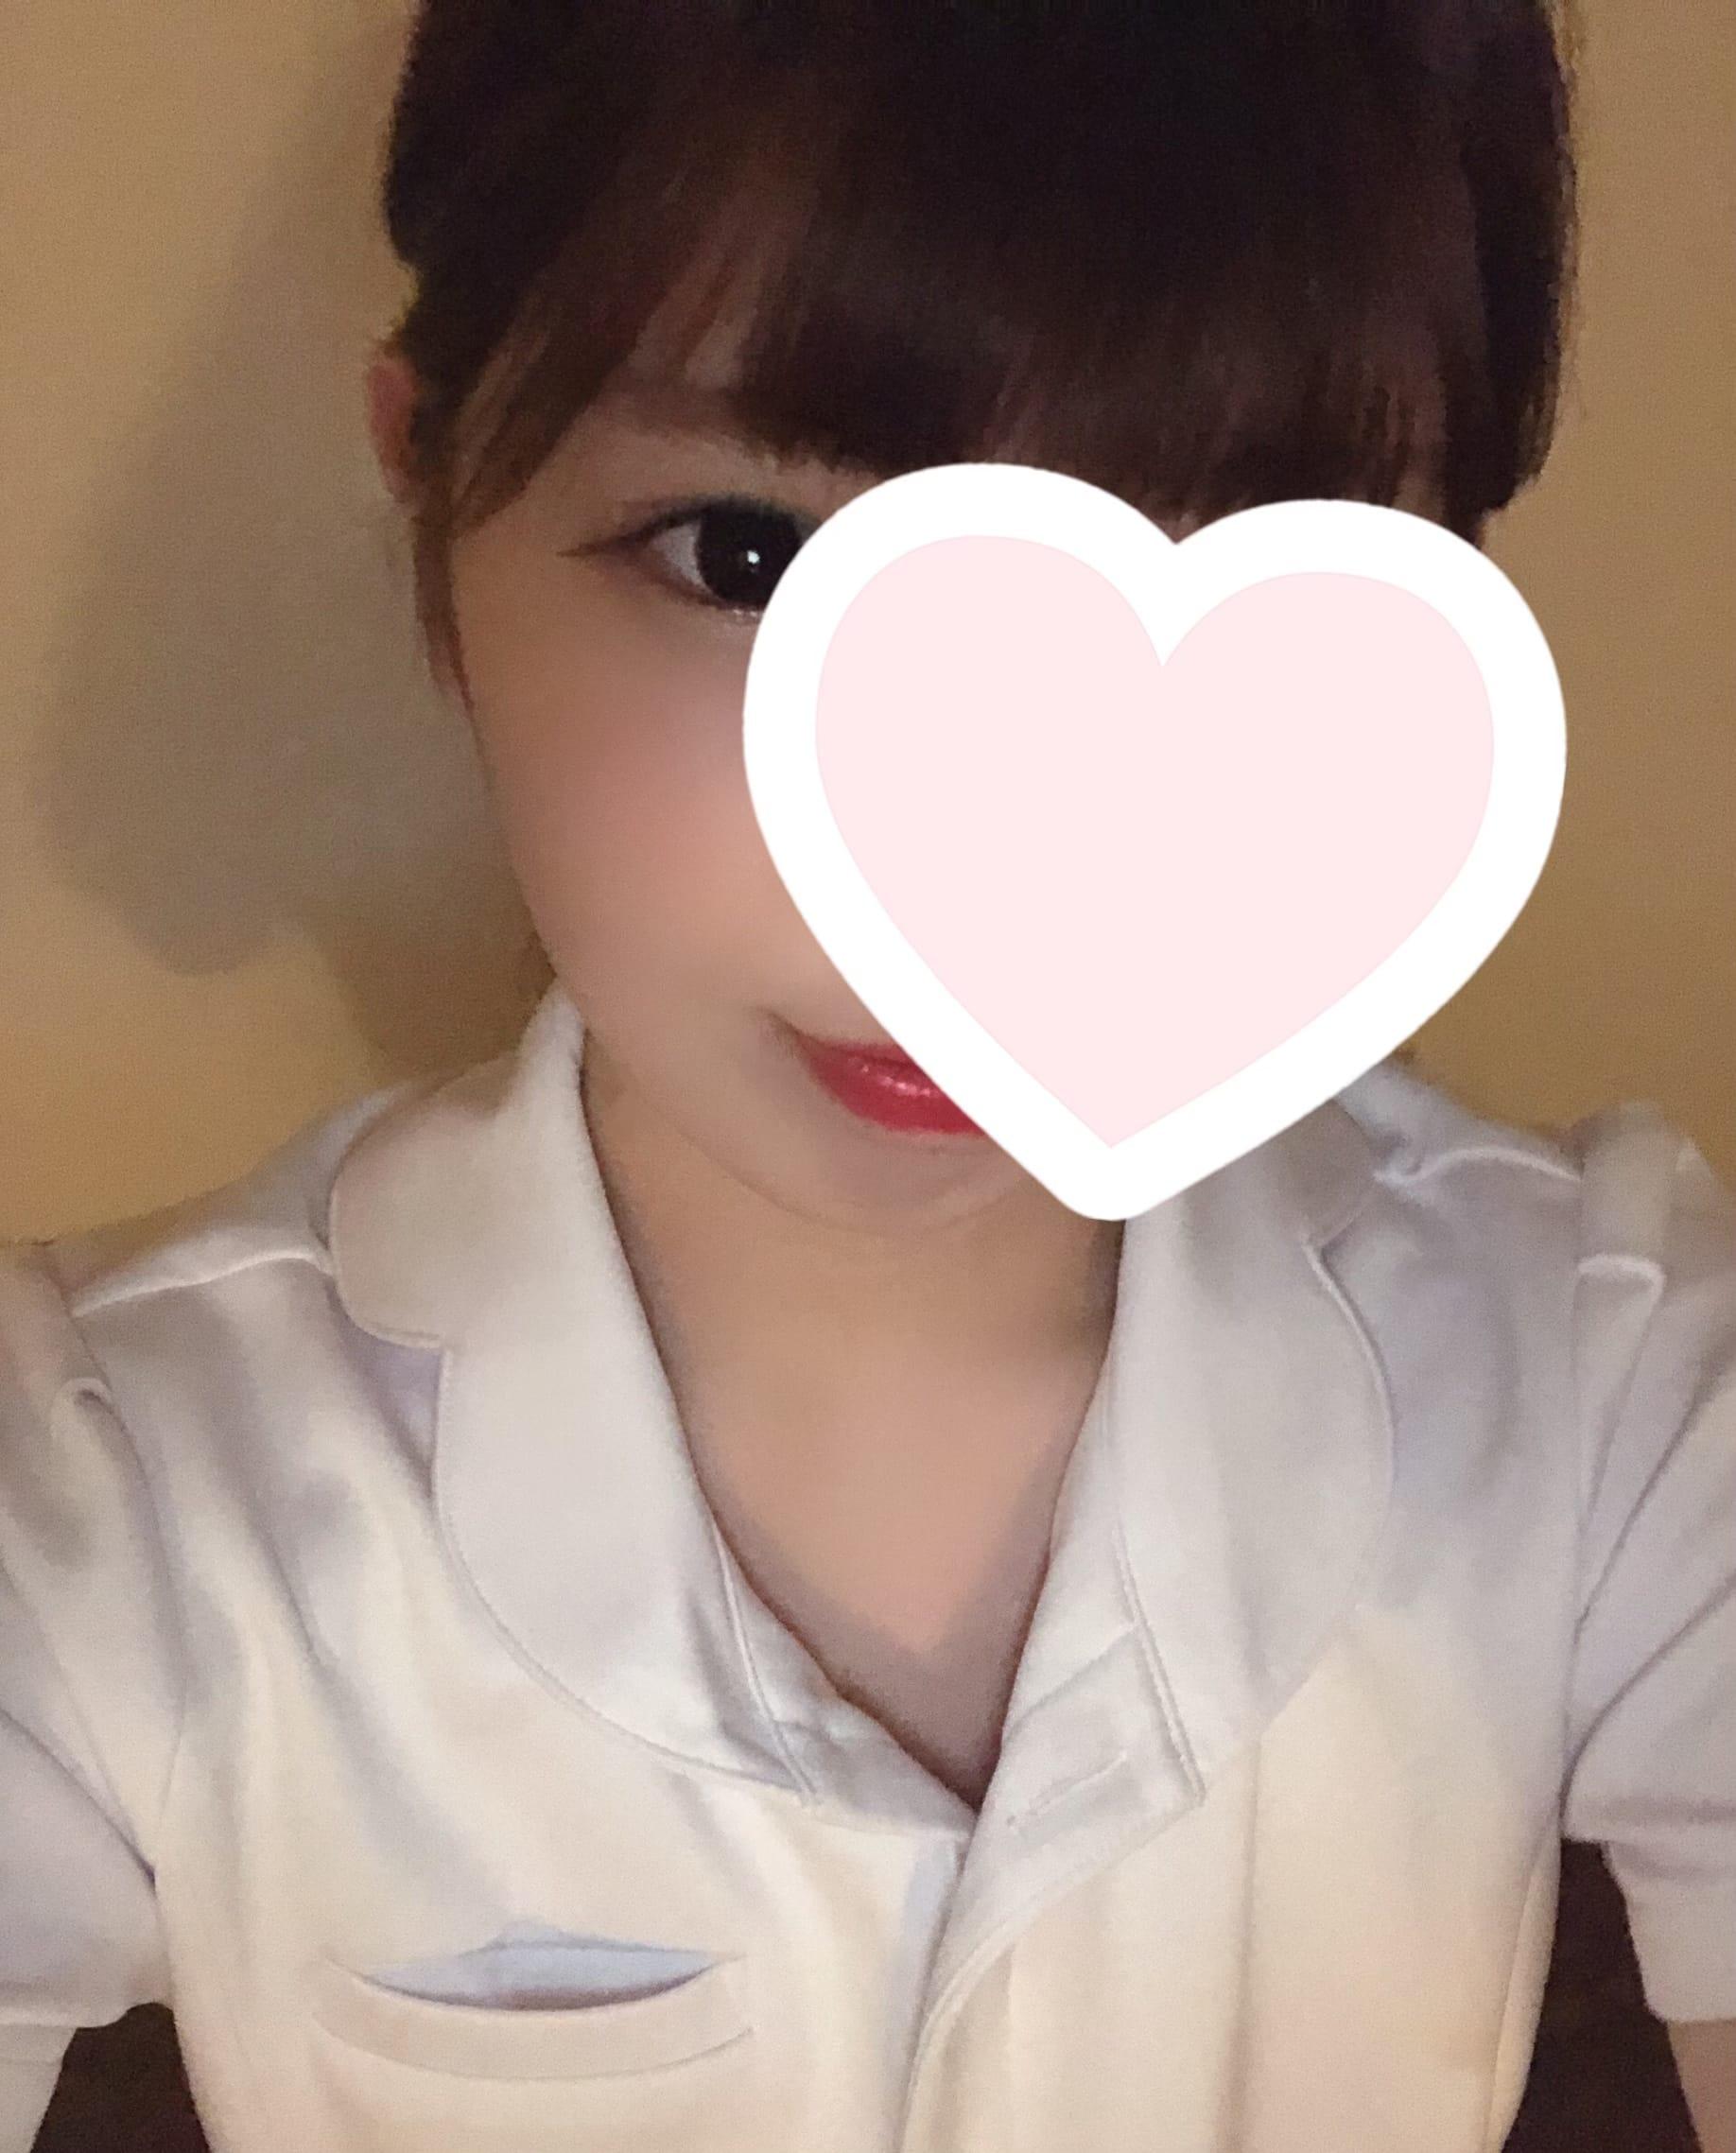 「お礼!」06/12(土) 02:17   絵里(えり)の写メ日記